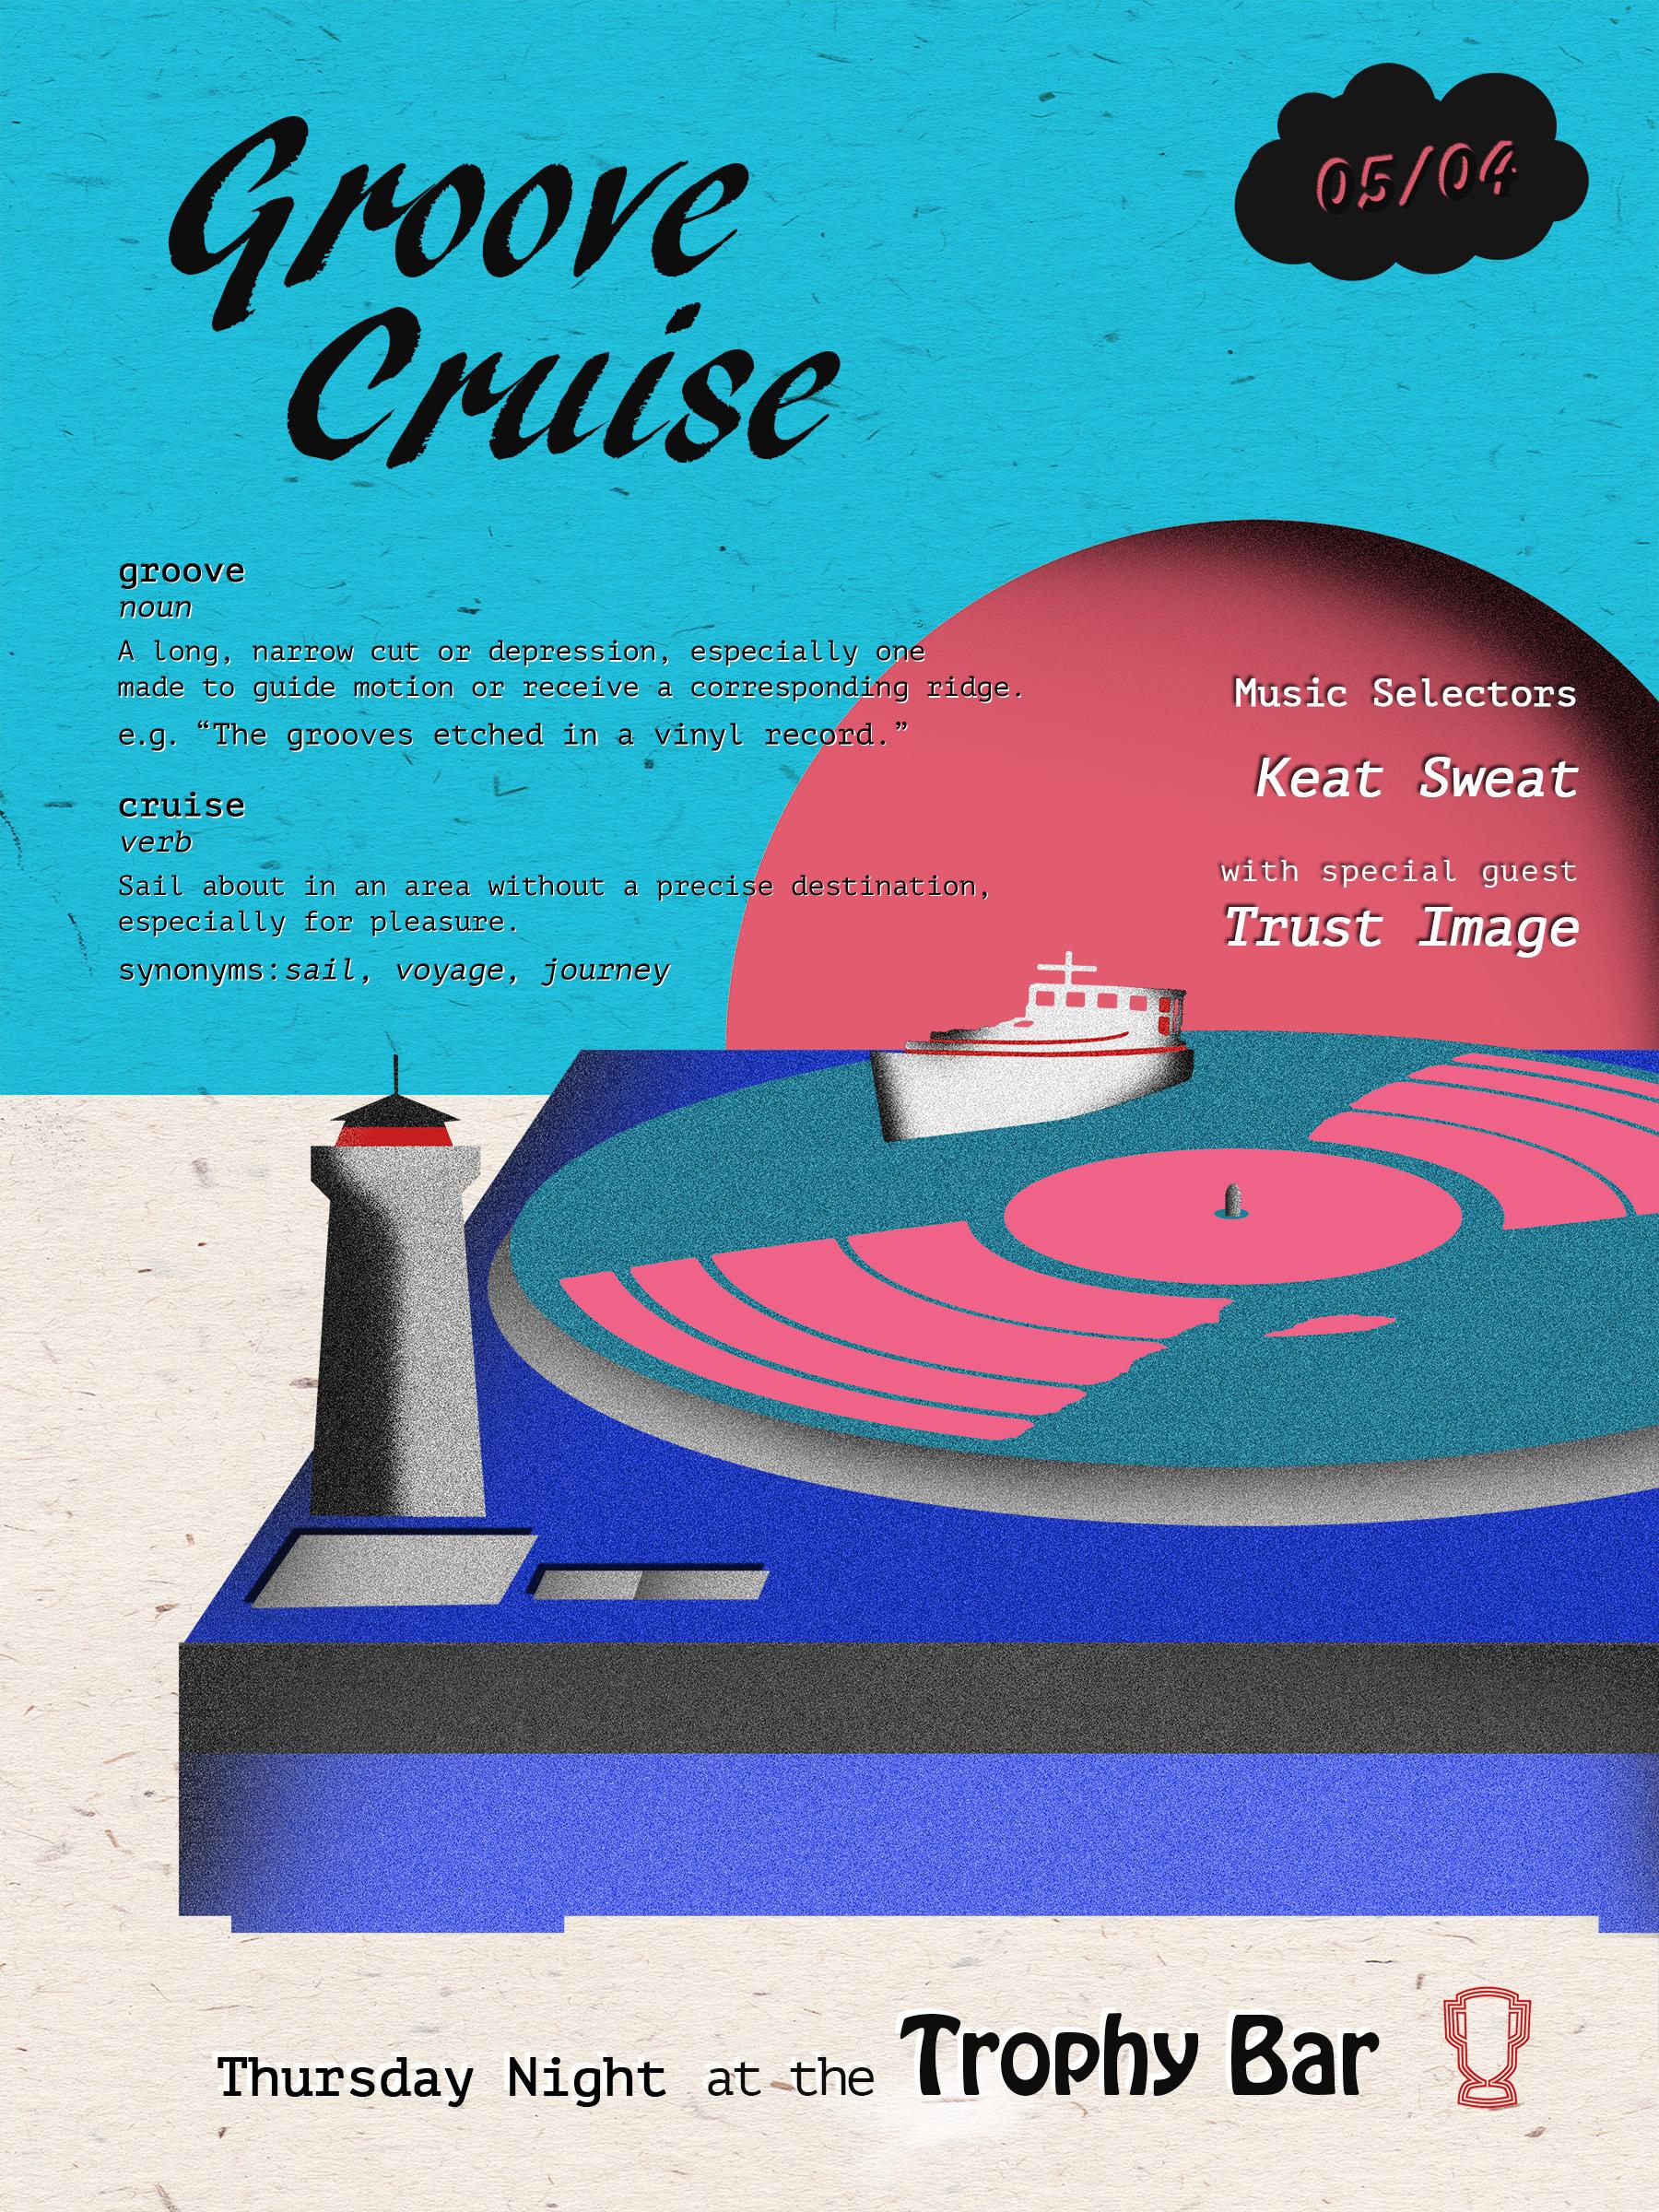 groove cruise 5-4-17.jpg